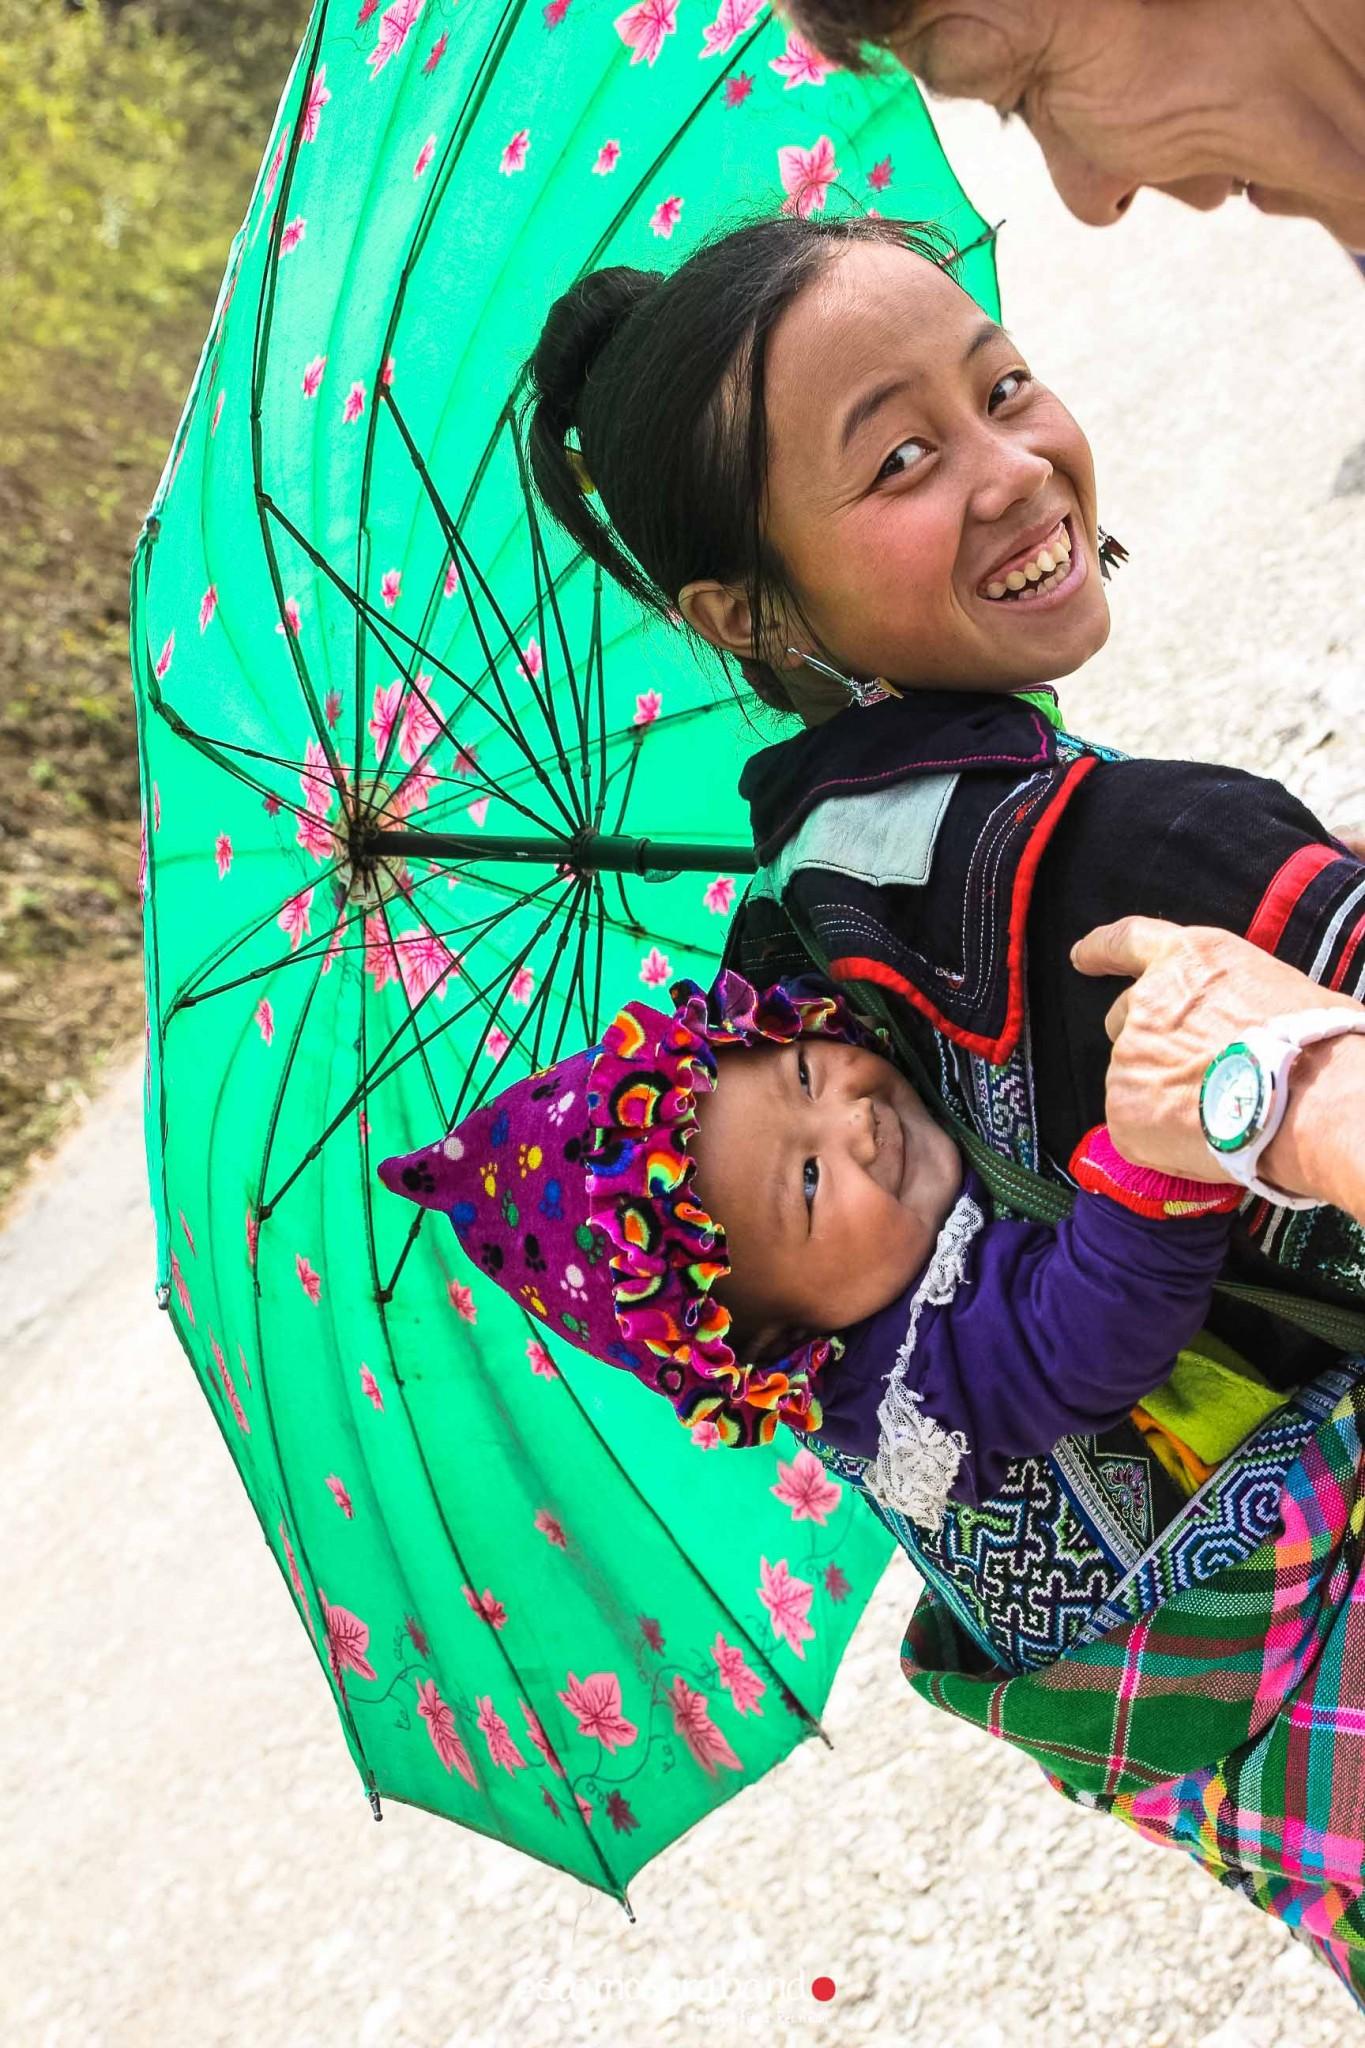 reportaje-vietnam_fotograficc81a-vietnam_estamosgrabando-vietnam_rutasvietnam_reportaje-retratos-fotos-vietnam_fotografia-vietnam_reportaje-estamosgrabando-fotograficc81a-vietnam-4 Pequeños grandes recuerdos de Vietnam en 100 imágenes - video boda cadiz